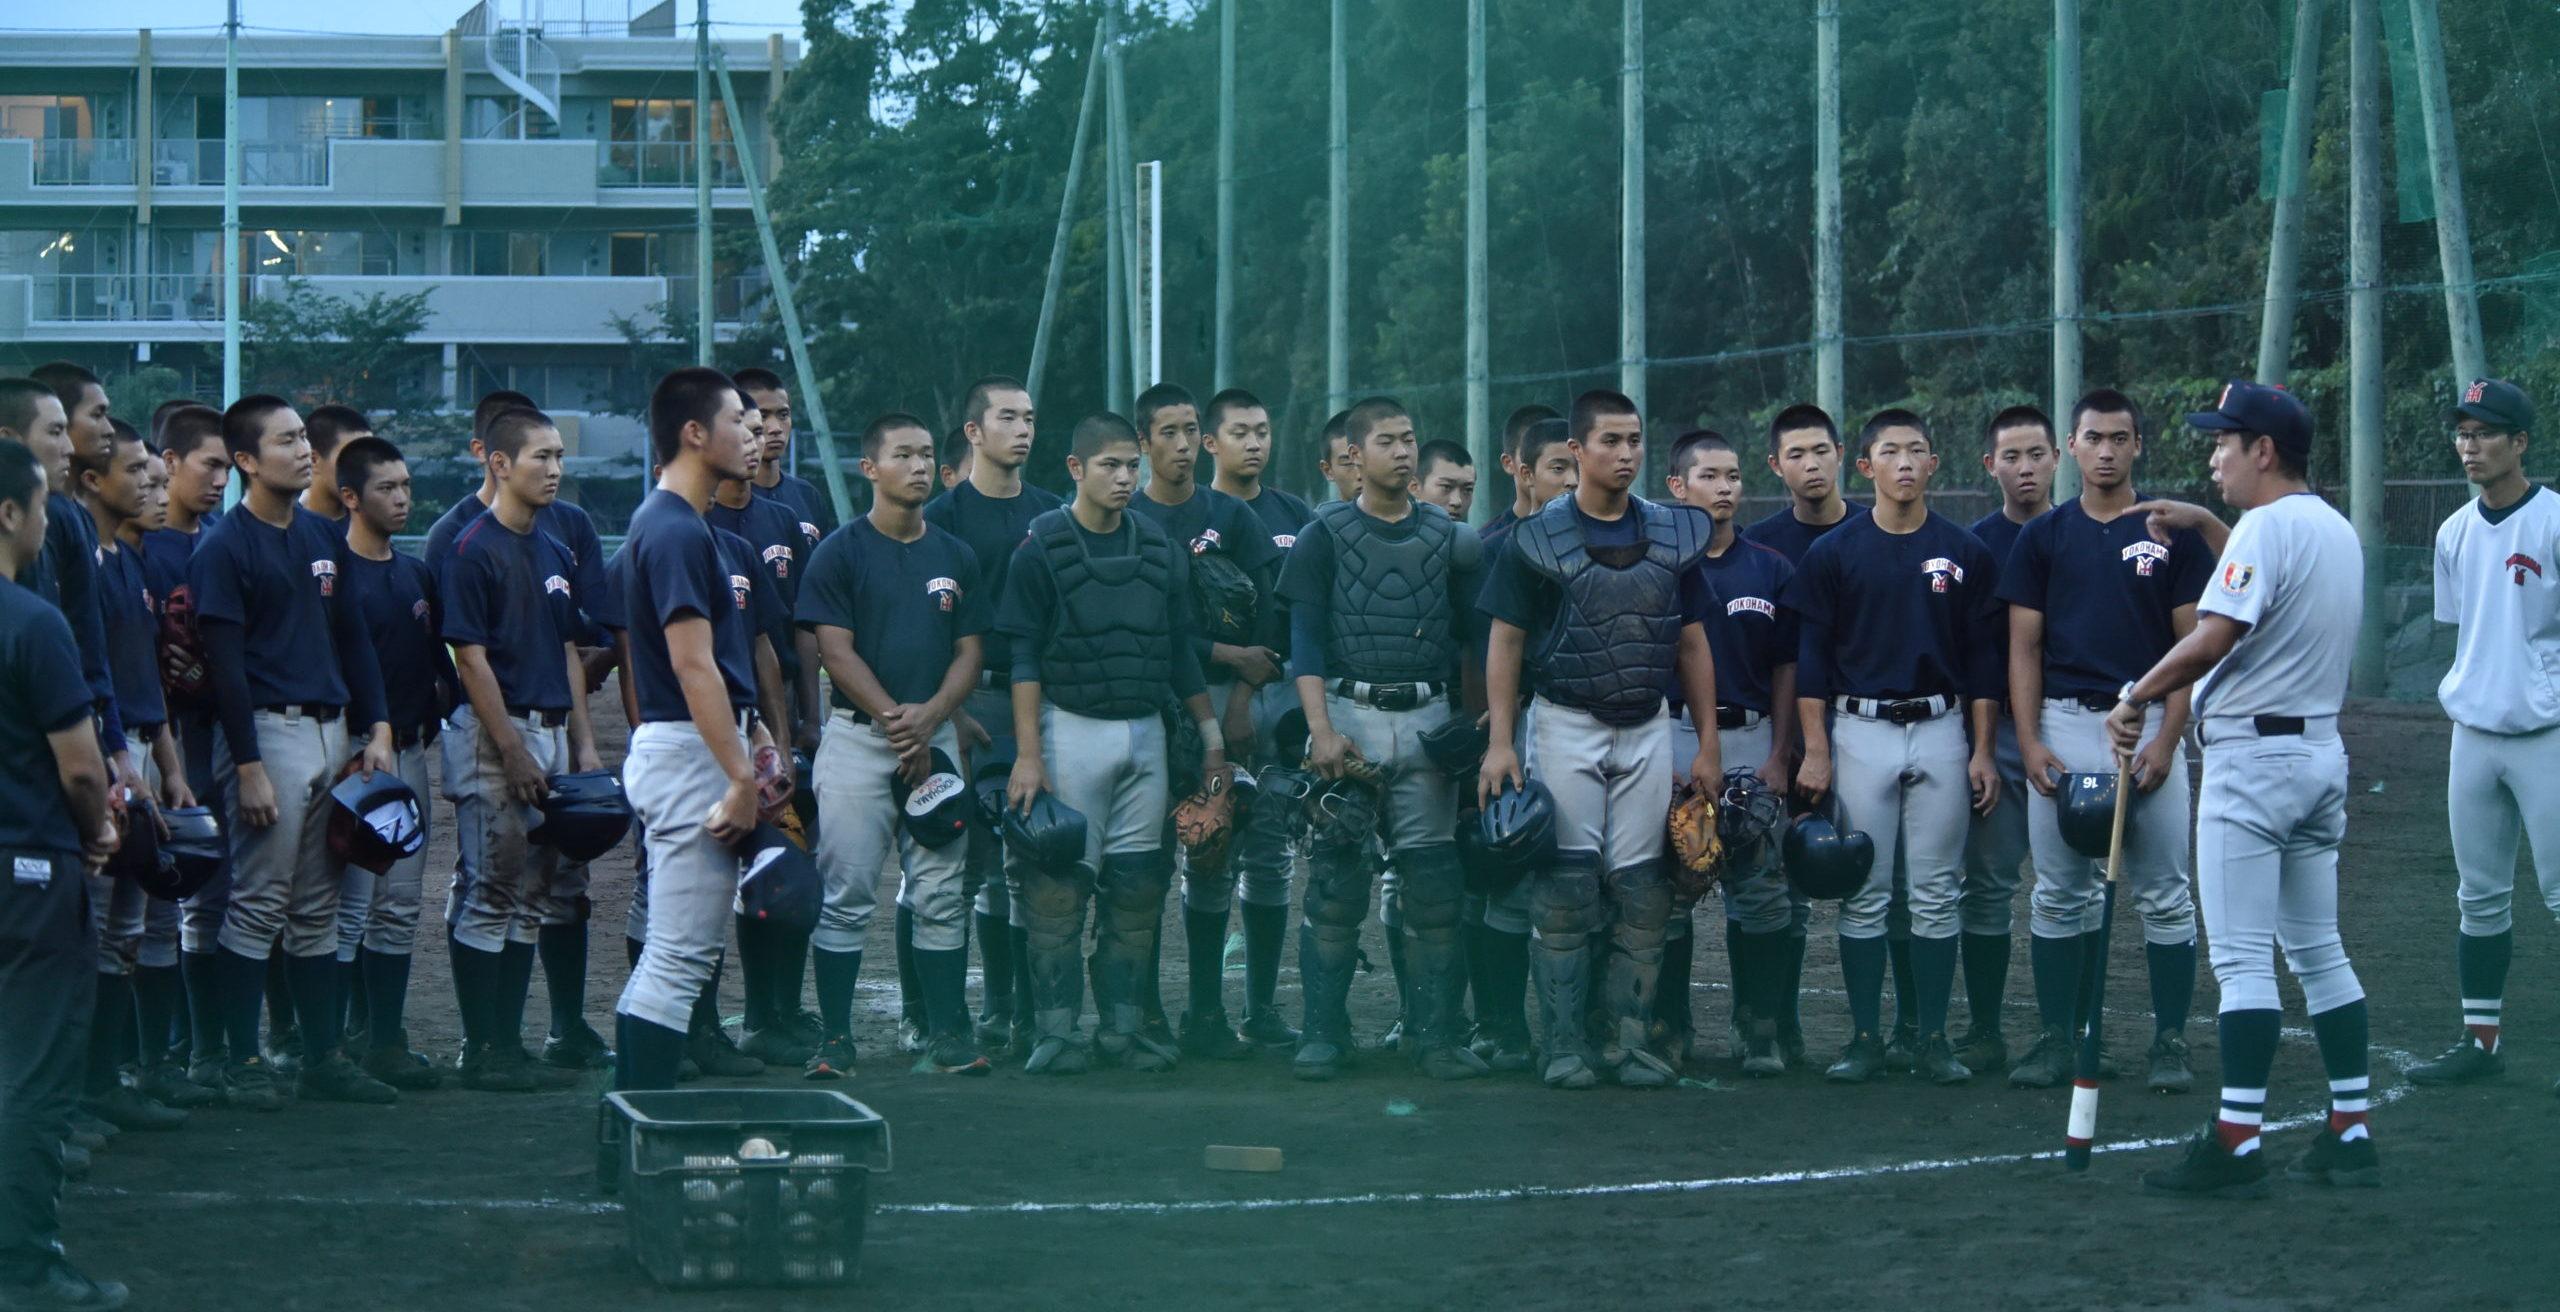 横浜・村田浩明監督 「選手たちと、どこまでも向き合ってやっていきたい」  /   監督コメント #横浜高校